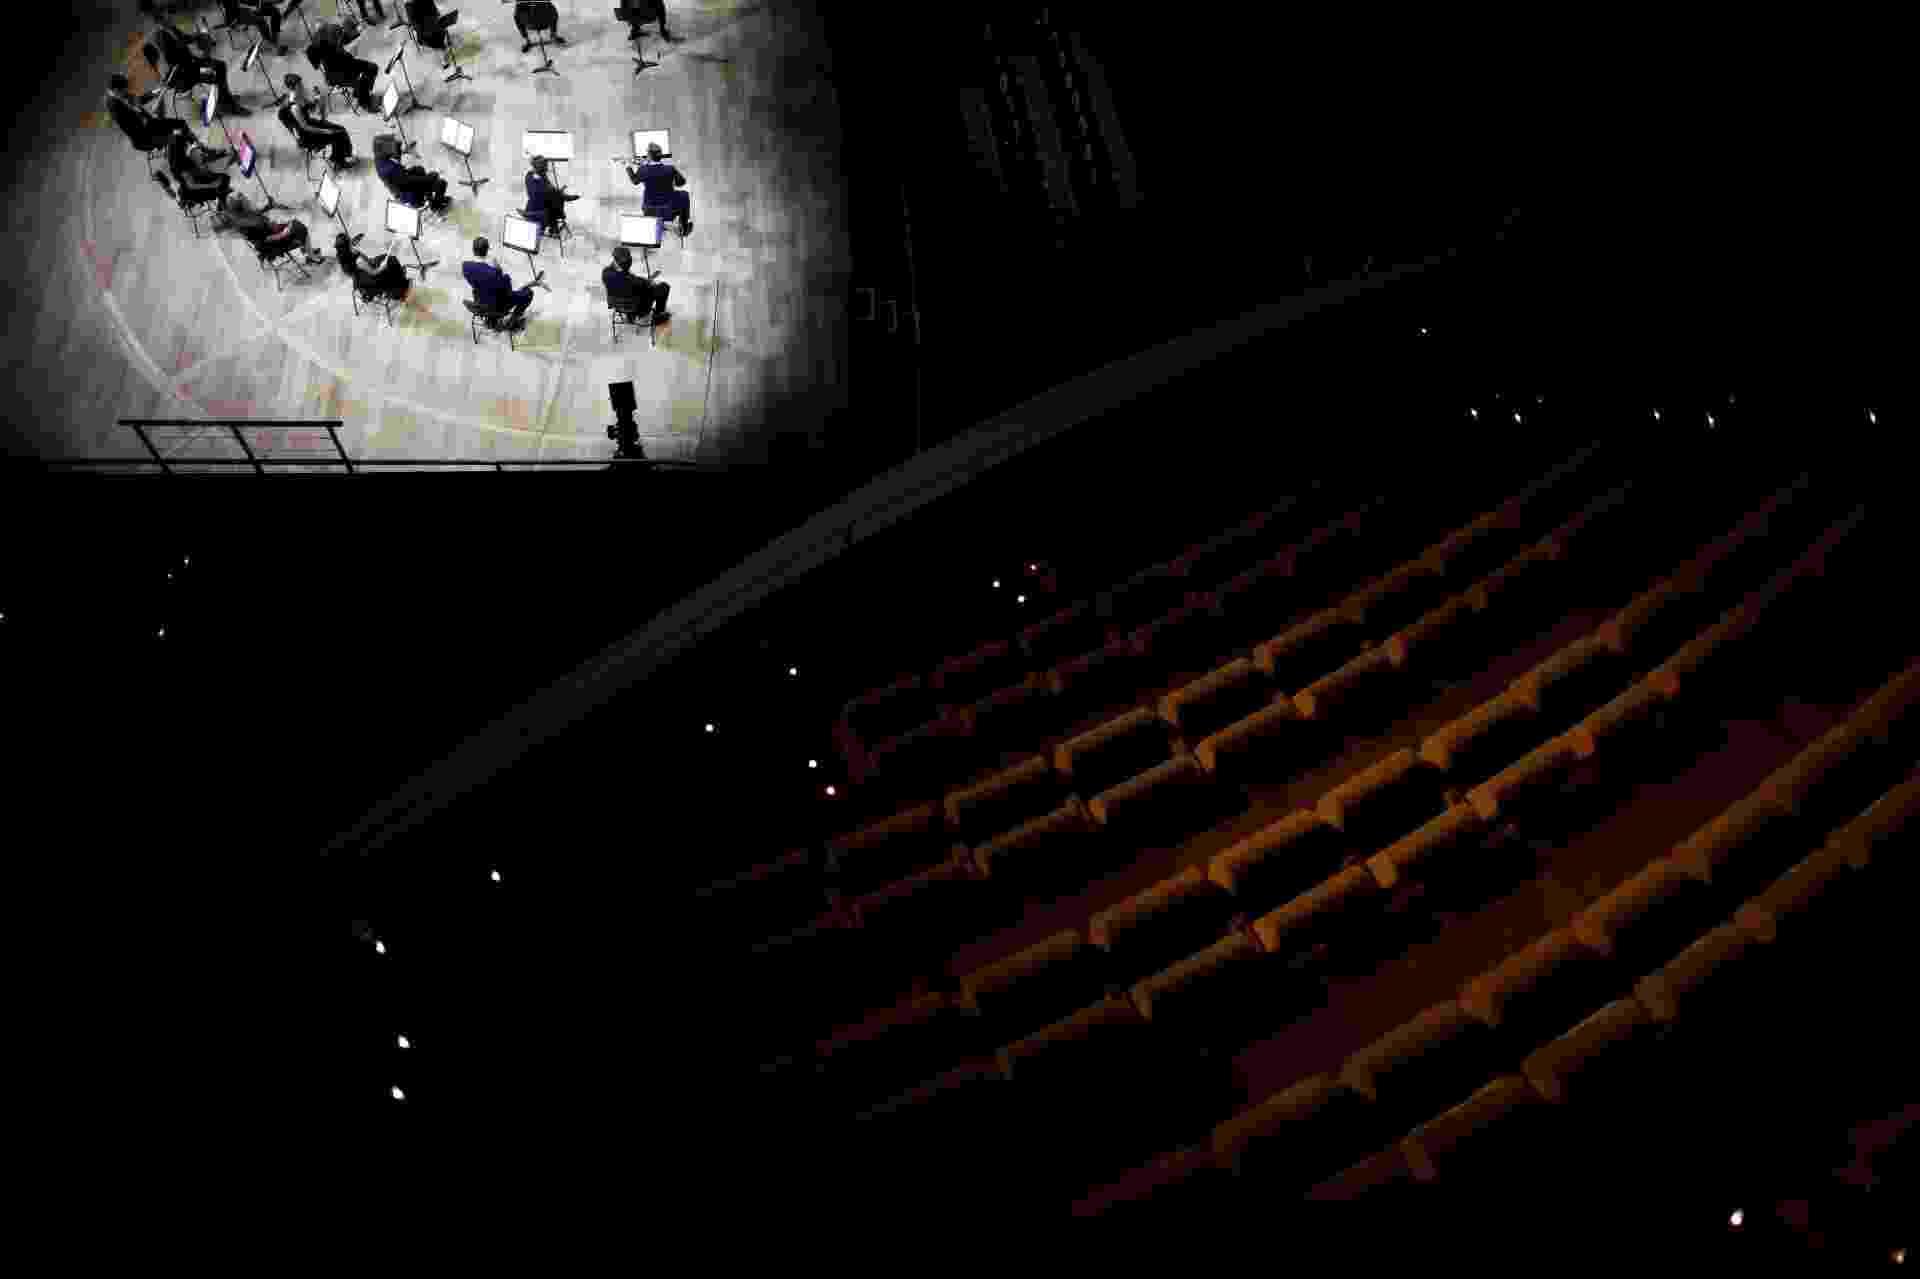 """Violinista Renaud Capuçon e sua orquestra de cordas de 23 pessoas executam a peça """"Metamorphosen"""", do compositor alemão Richard Strauss, em sala vazia em Paris - BENOIT TESSIER/Reuters"""